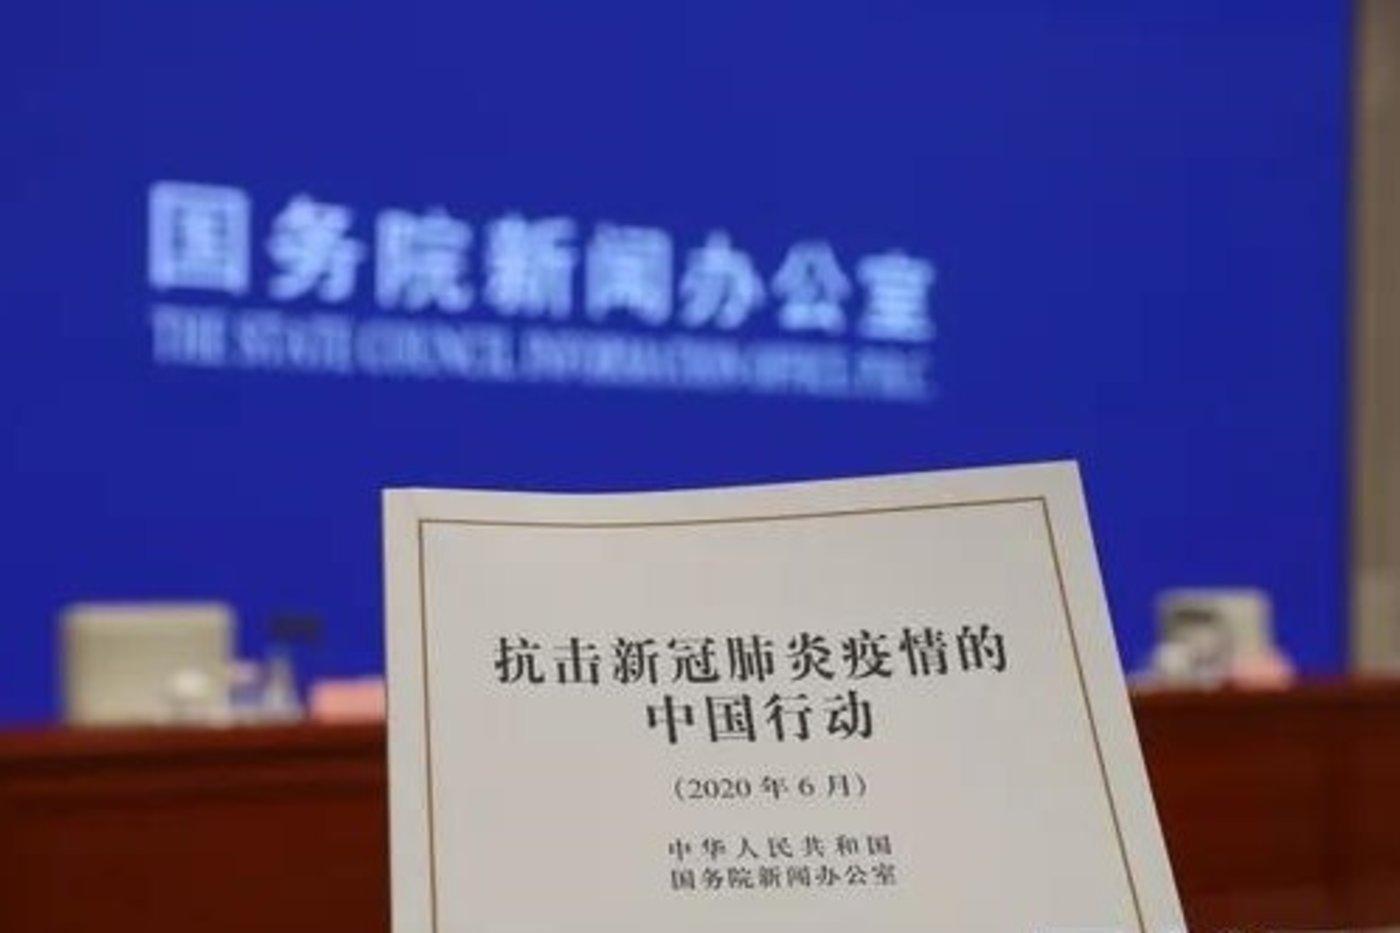 图片来源:国新网